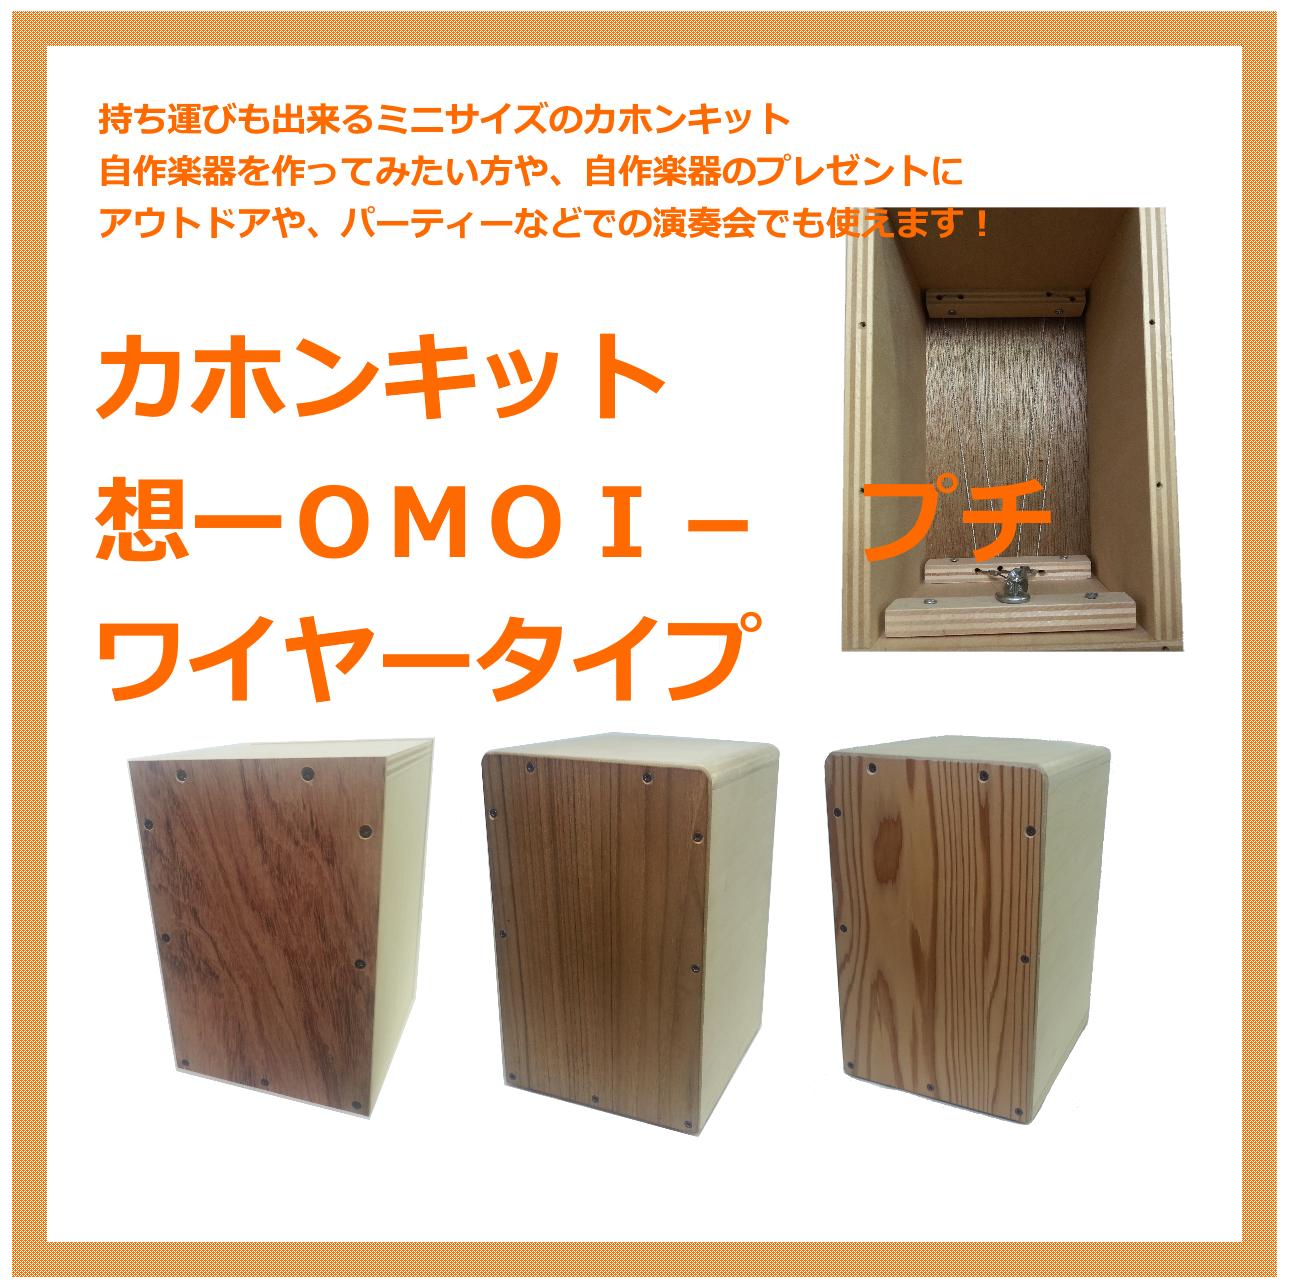 カホンキット 想-OMOI- ミニ  ワイヤータイプ